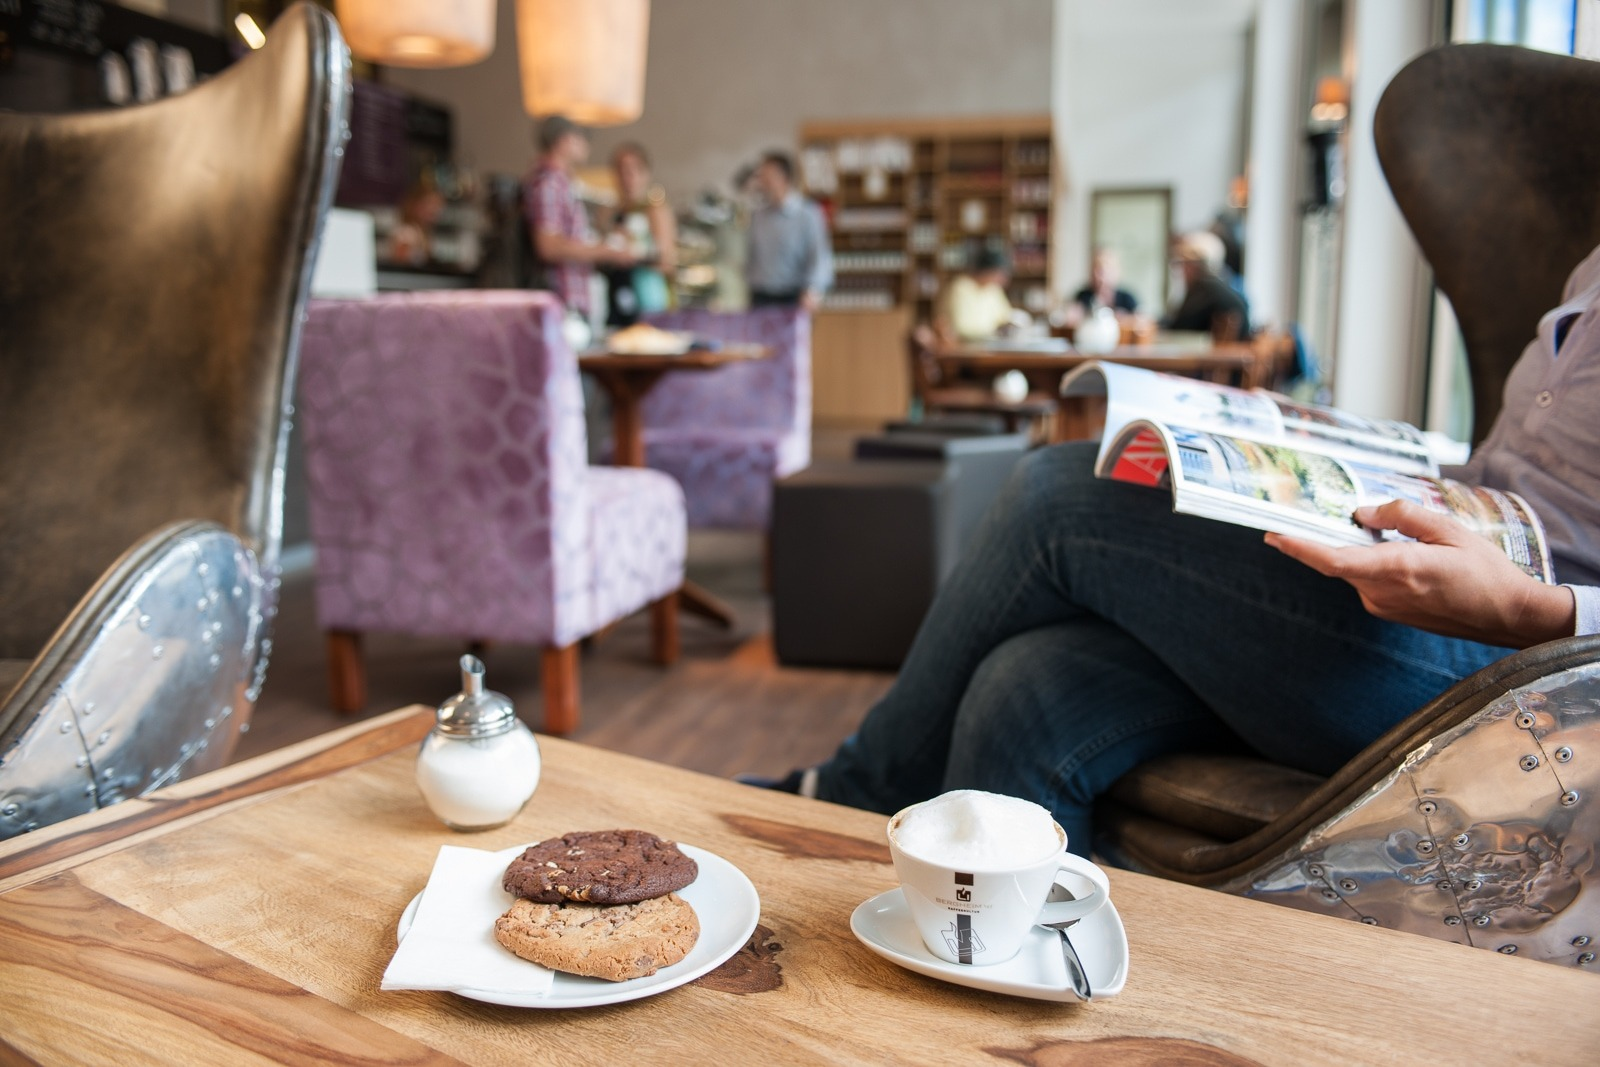 Kekse und Kaffee auf dem Tisch in der Kaffekultur